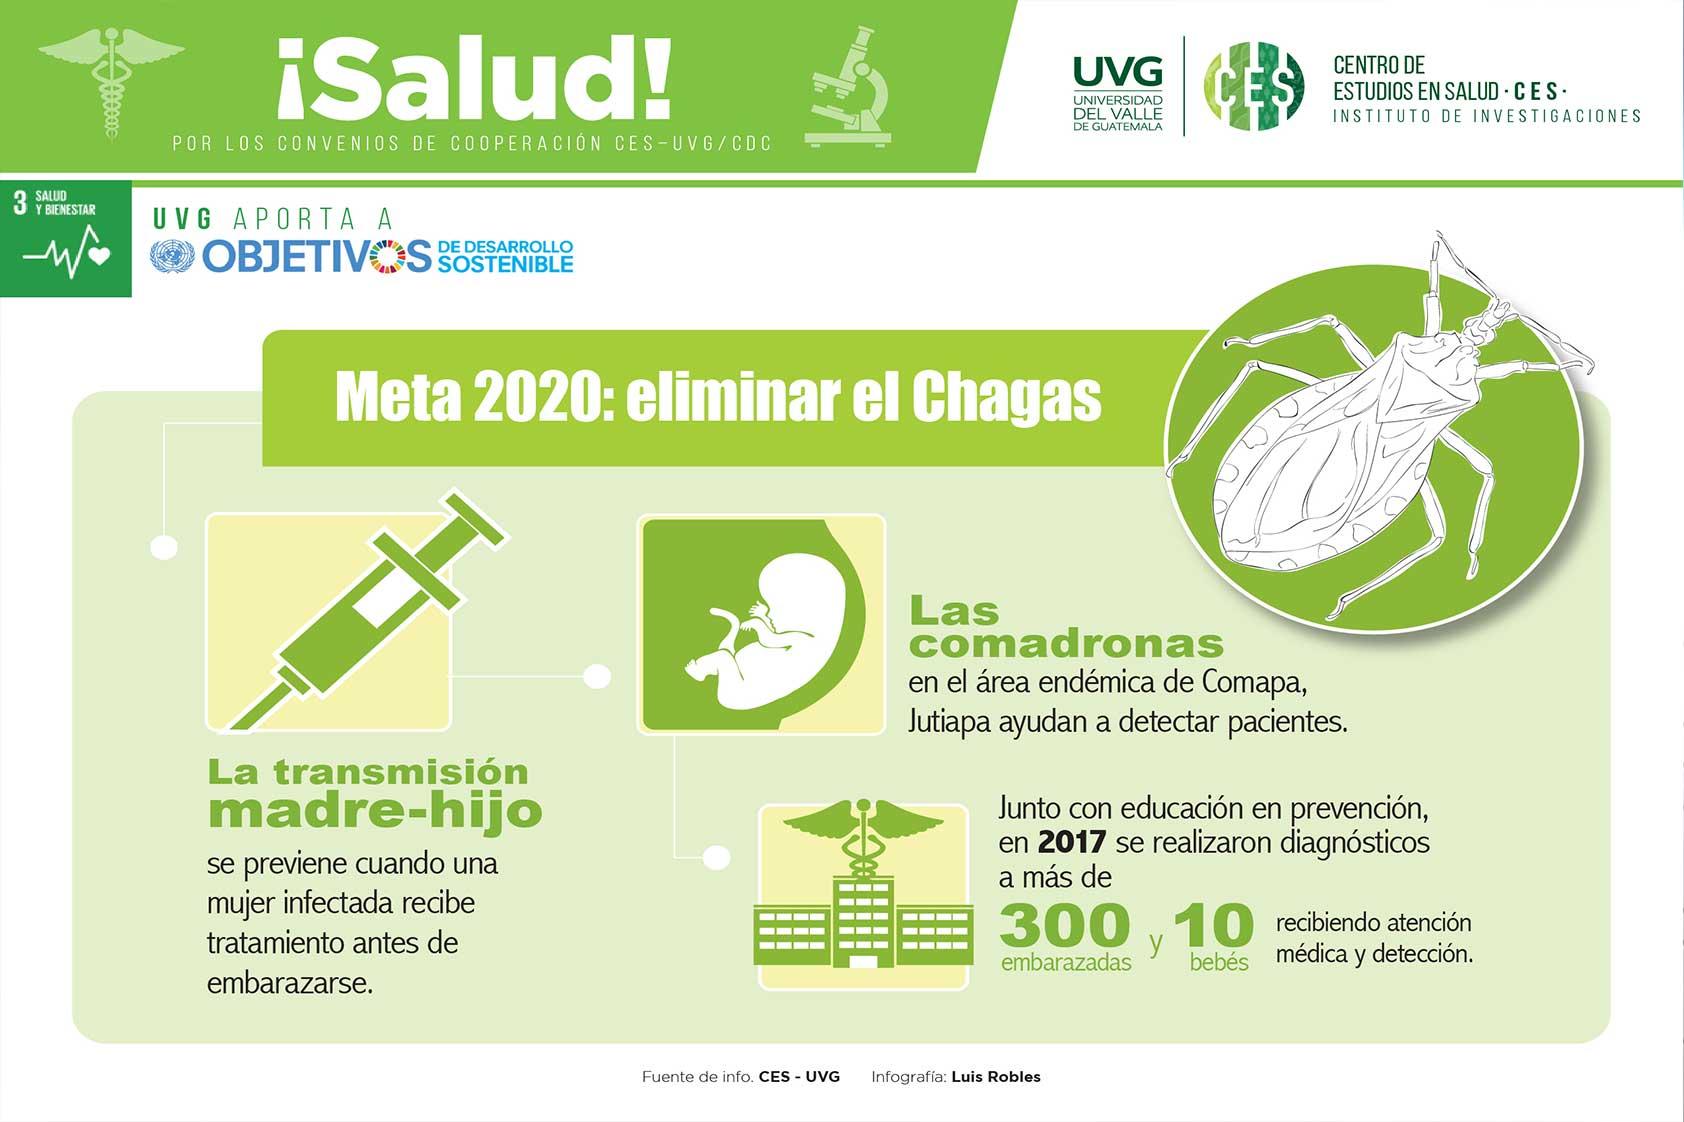 UVG contribuye para lograr la eliminación del Chagas en Guatemala en el 2020